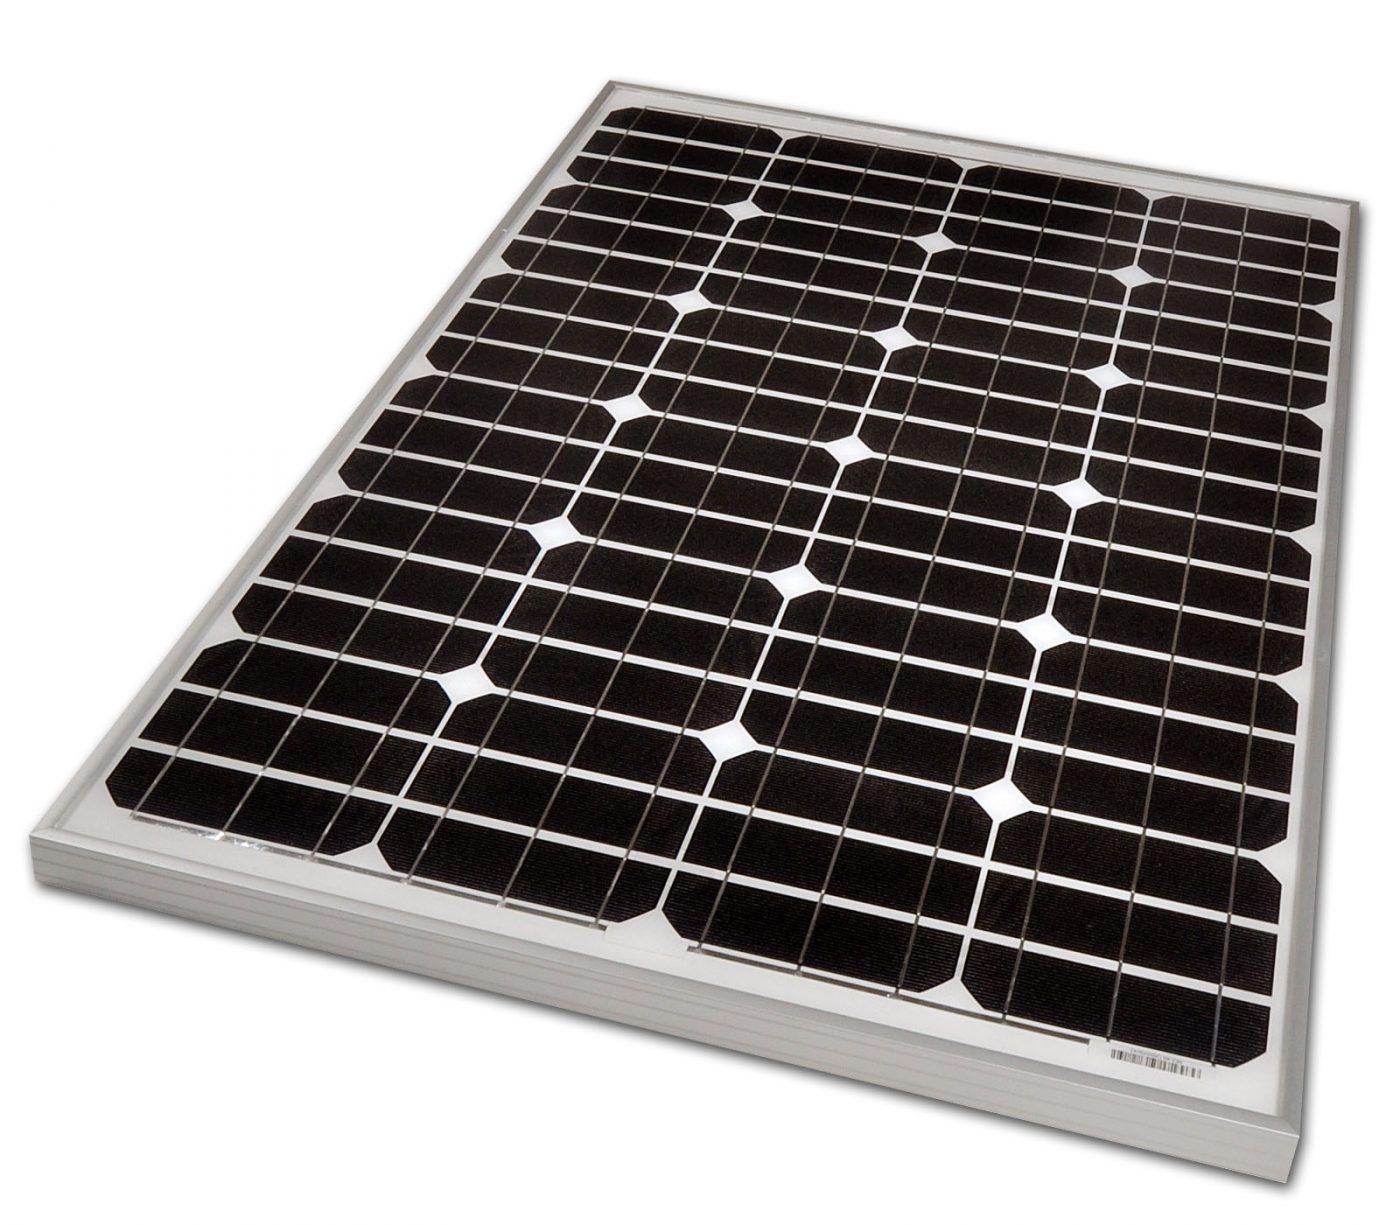 solar panel wiring diagram uk 1992 honda prelude radio 12v kit instructions diagrams